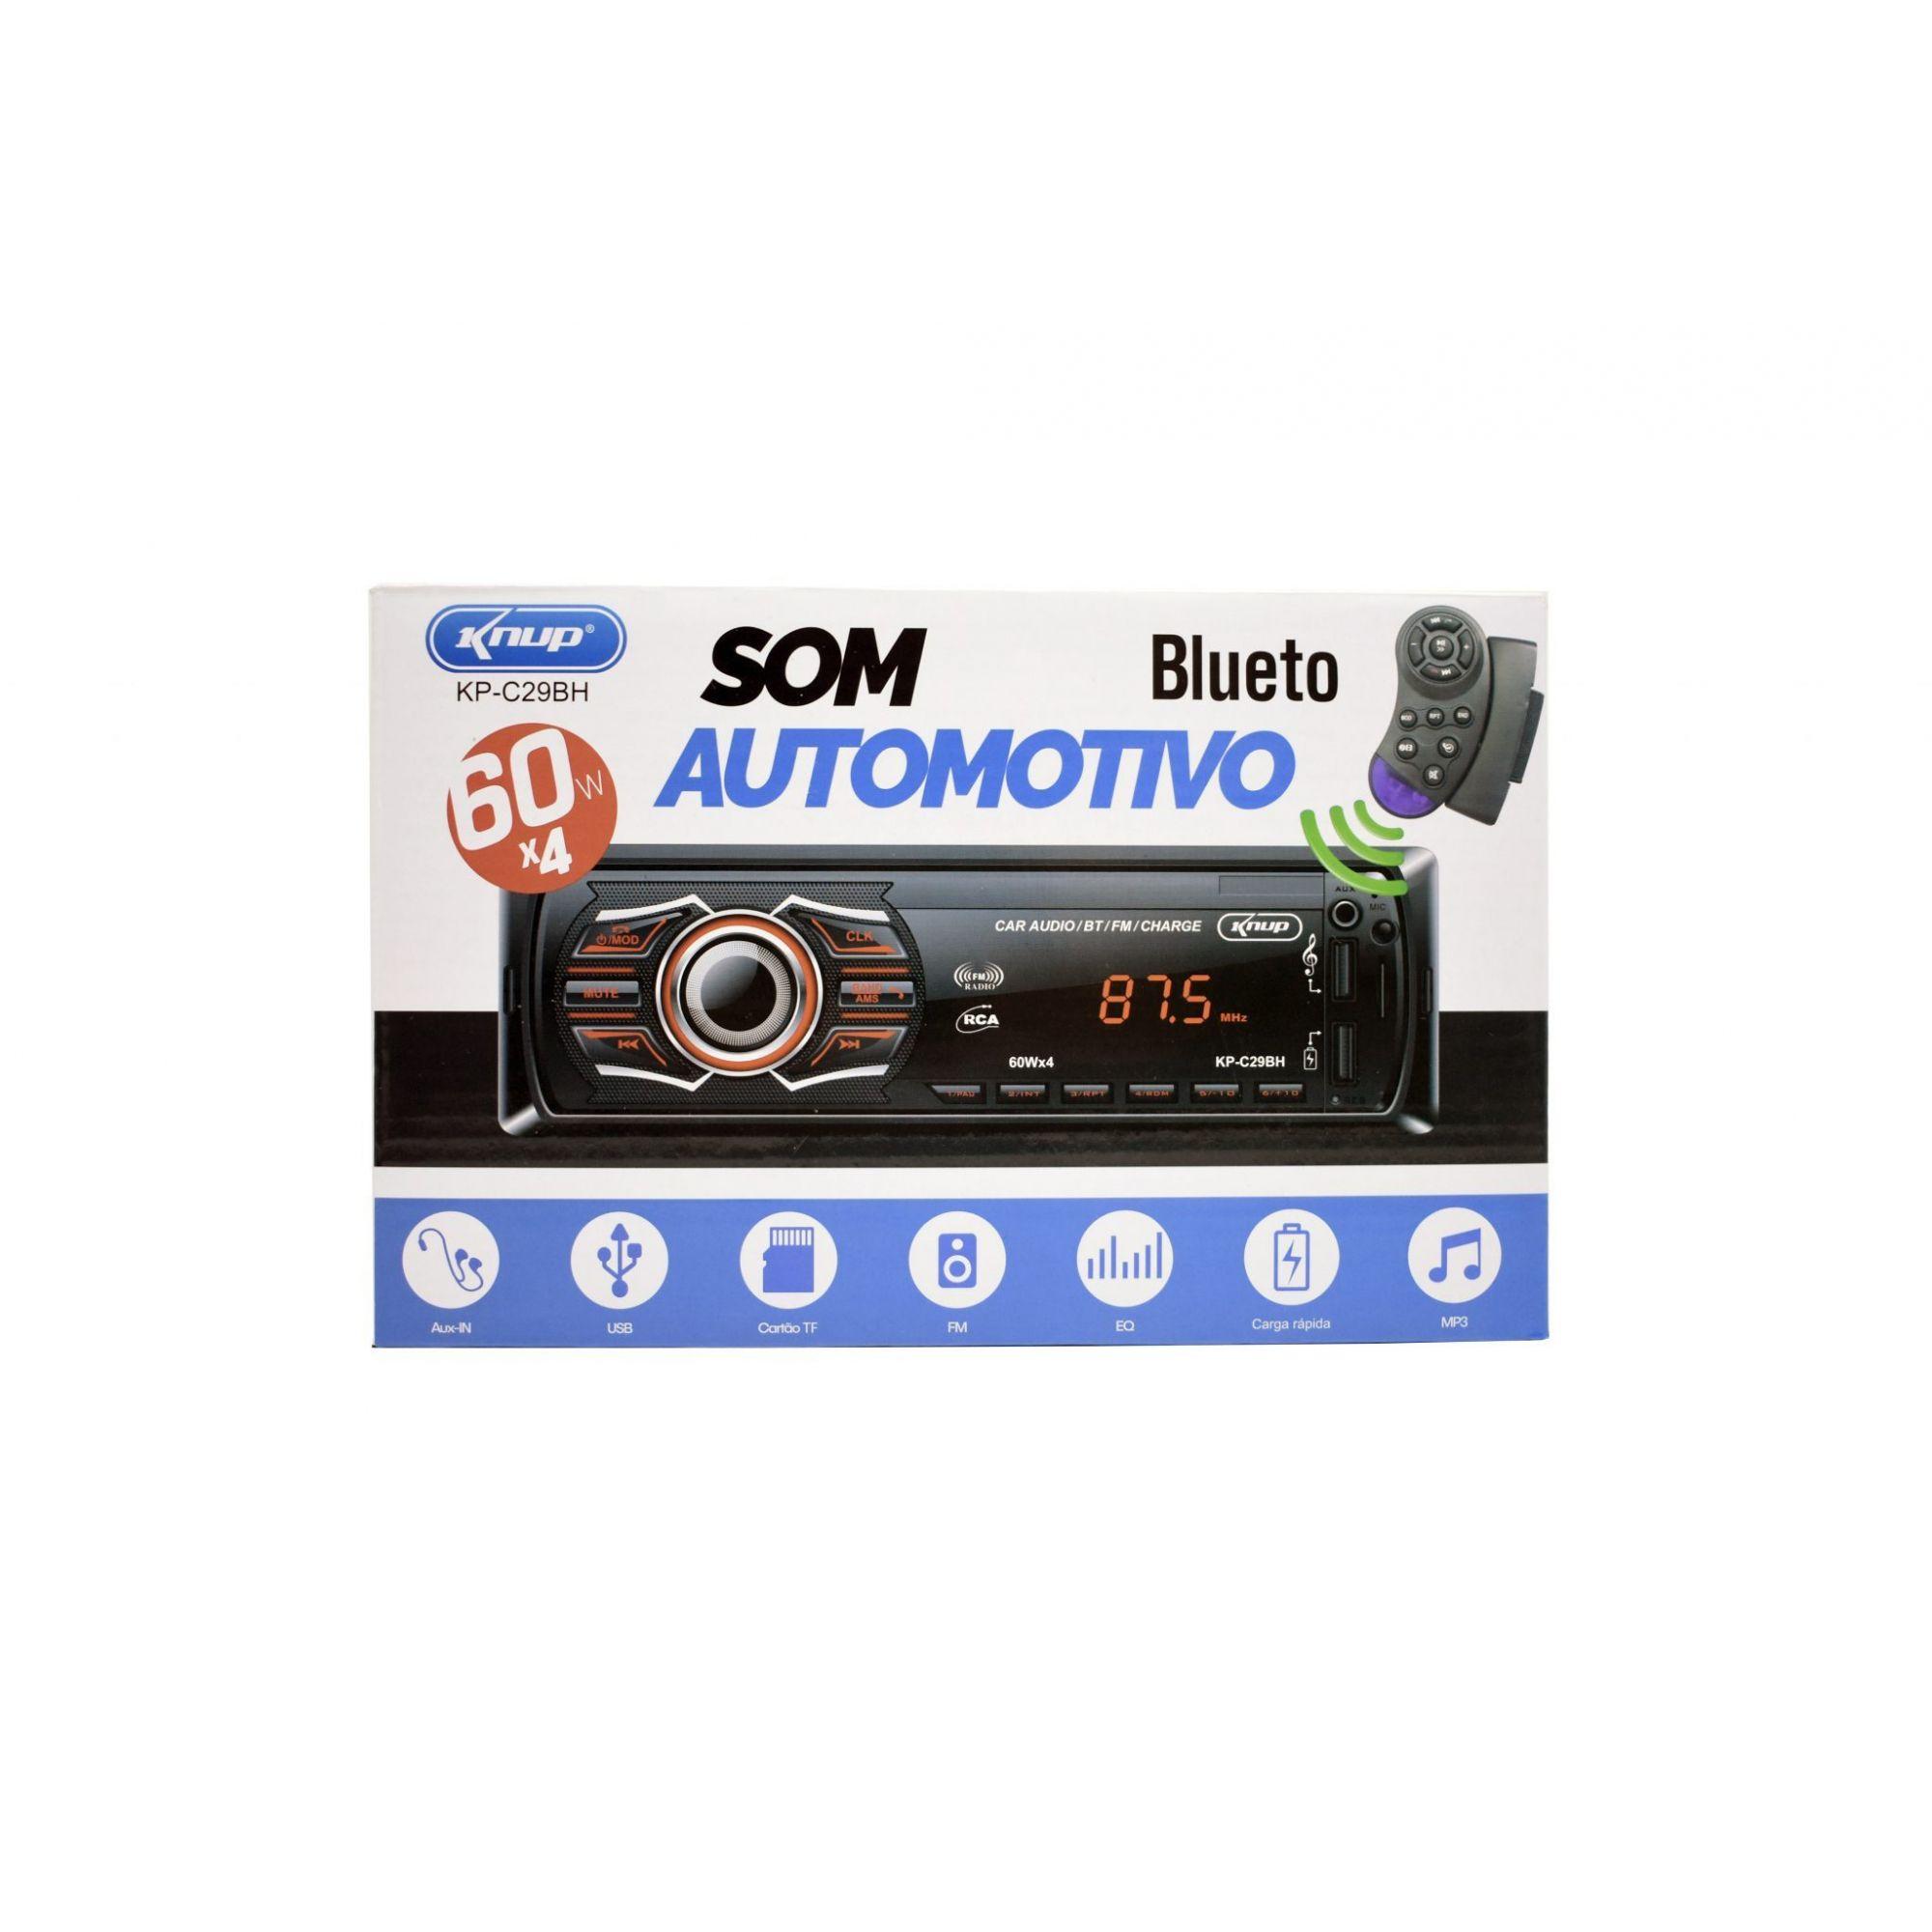 Som Automotivo Com Bluetooth Kp-c29bh - Knup